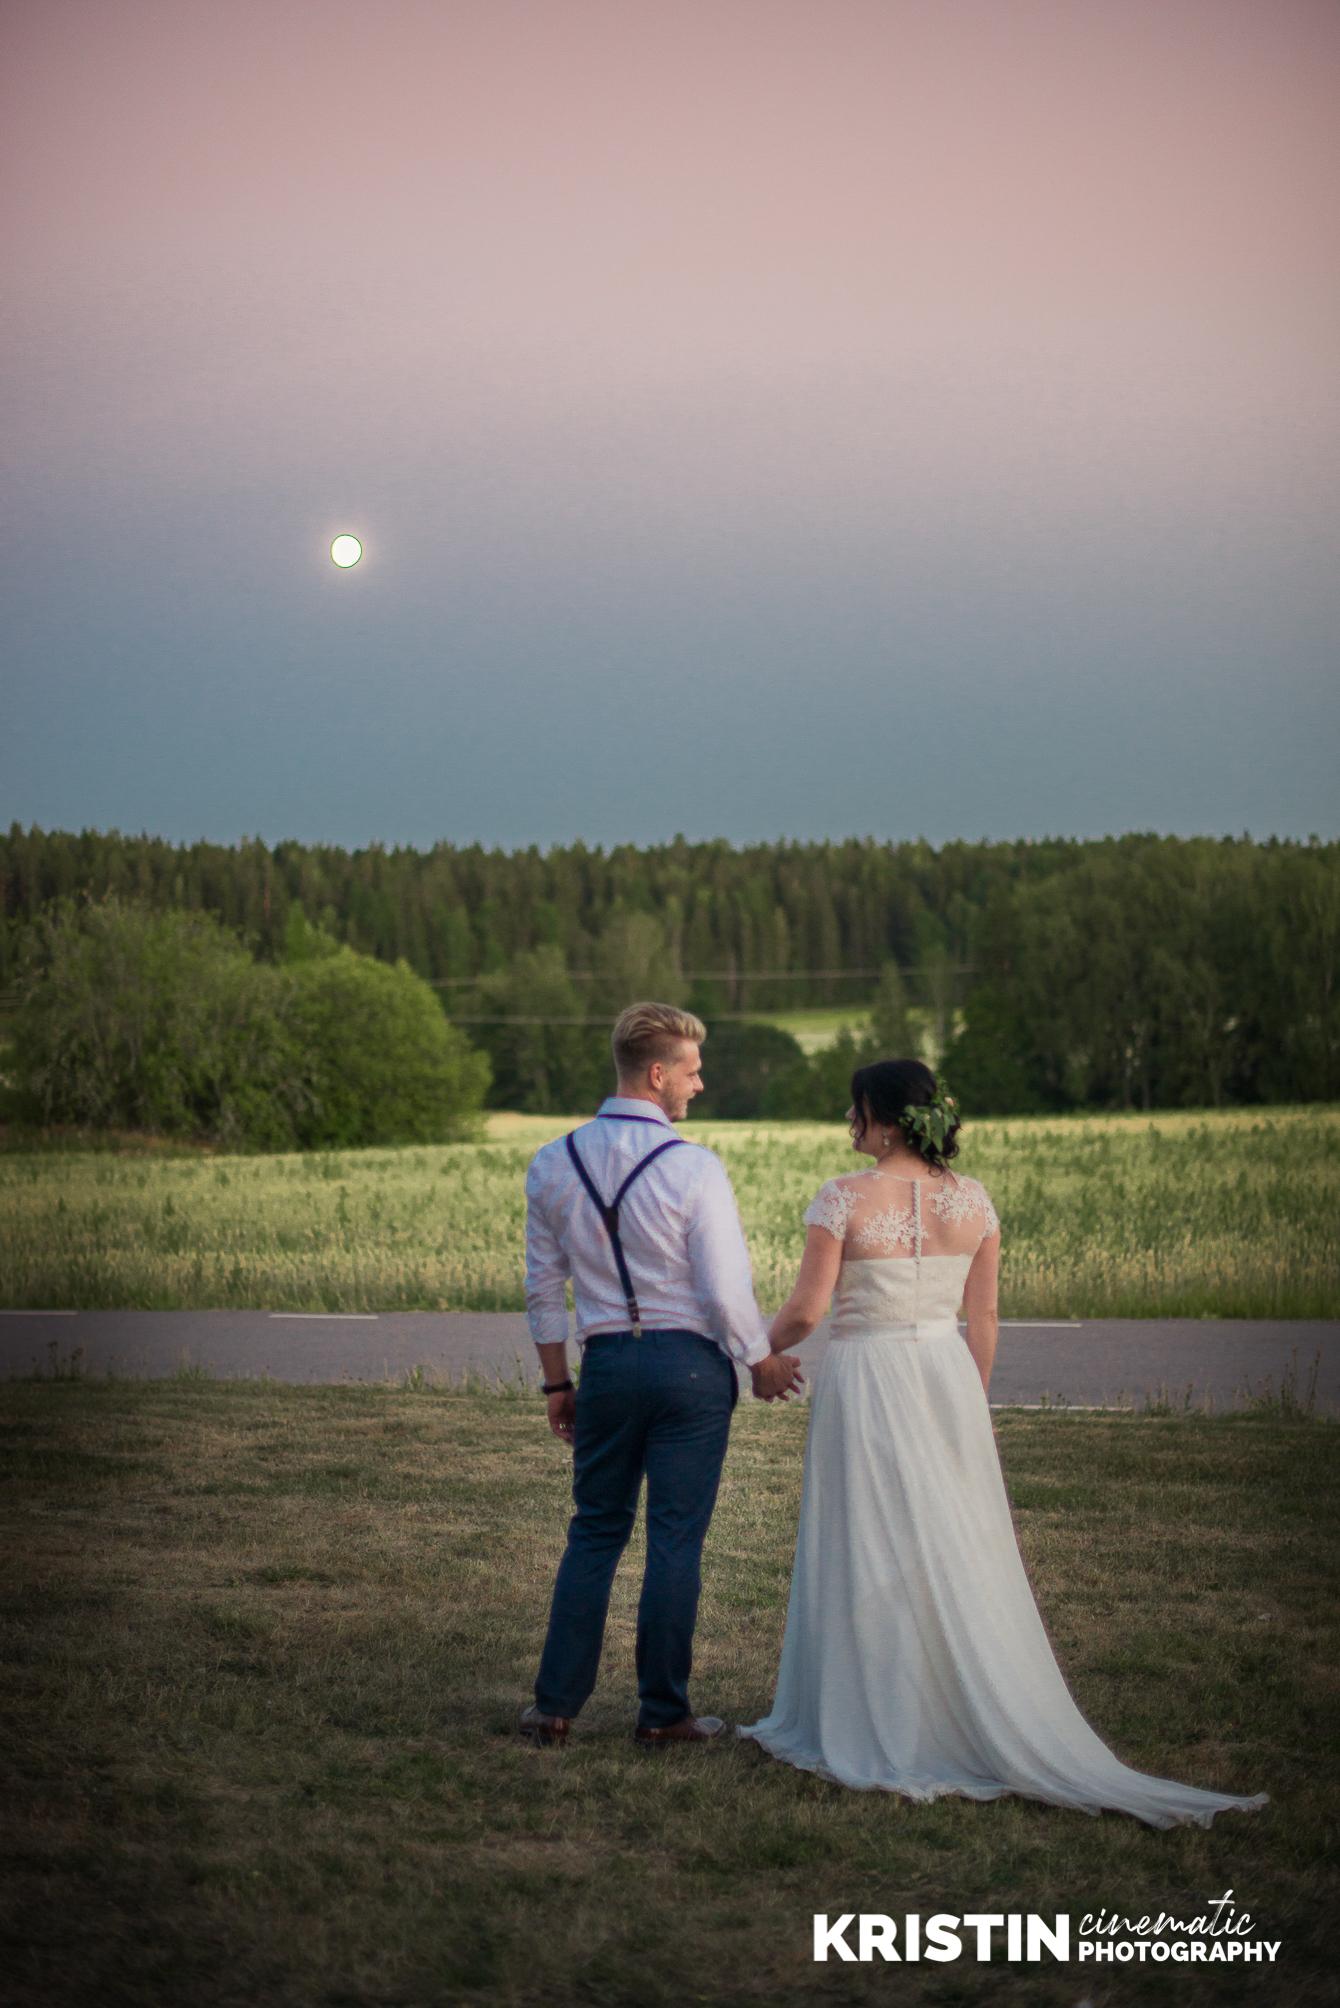 Bröllopsfotograf i Eskilstuna Kristin - Photography-27-2.jpg